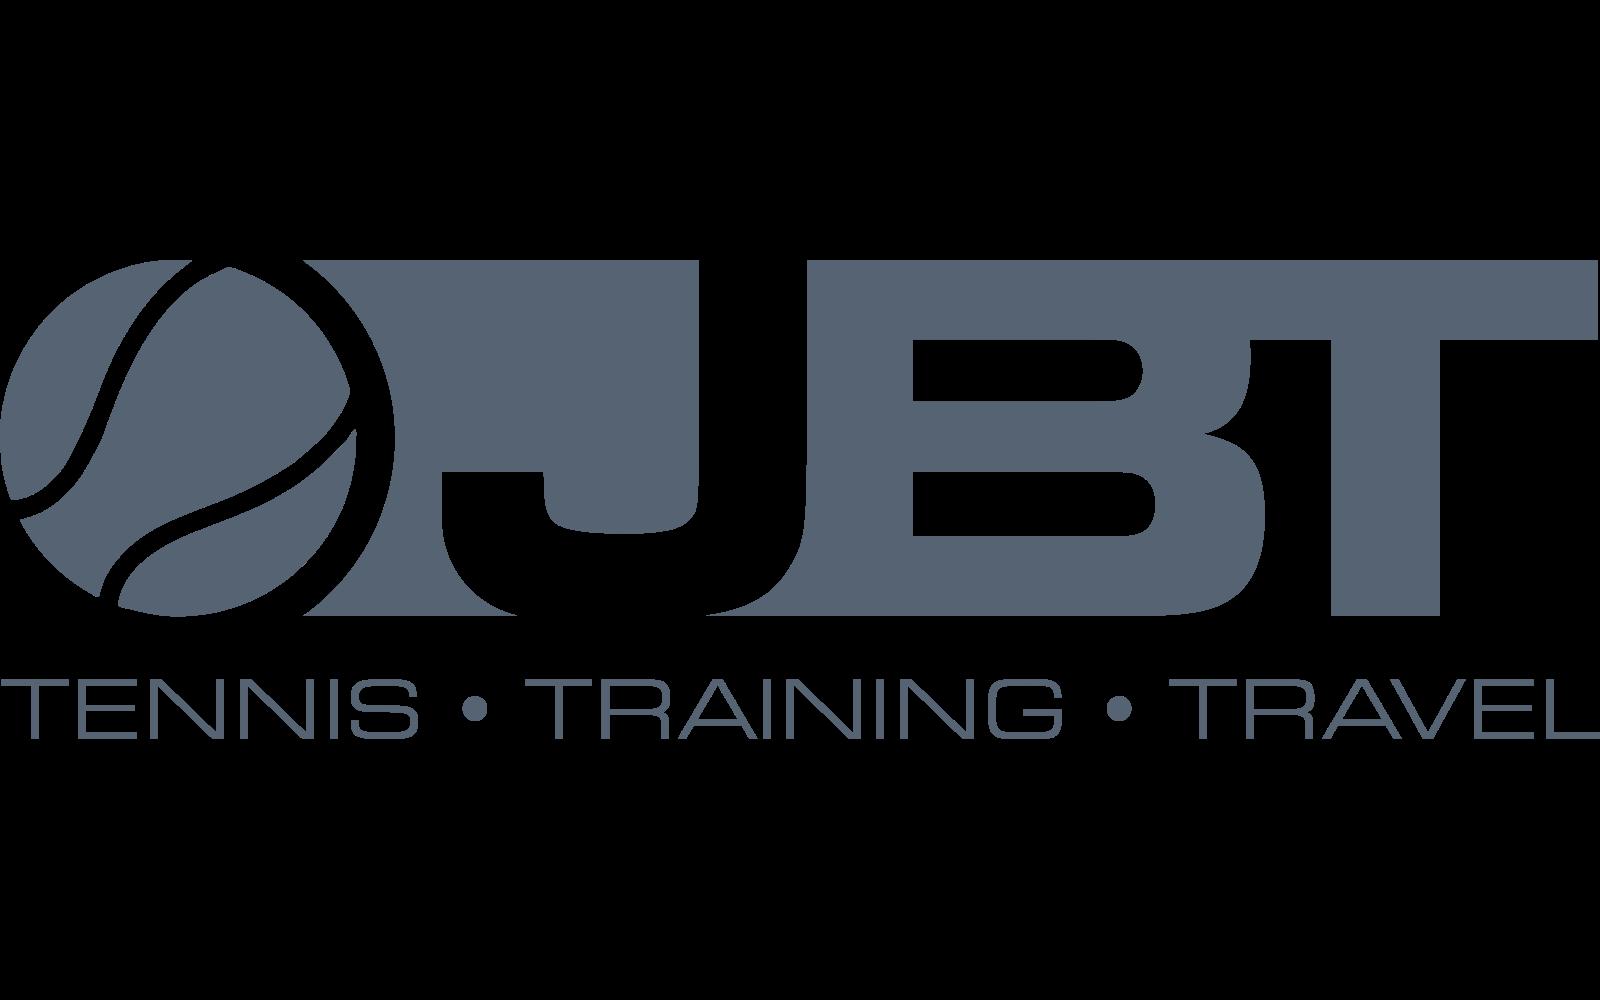 pf-logo-jbt